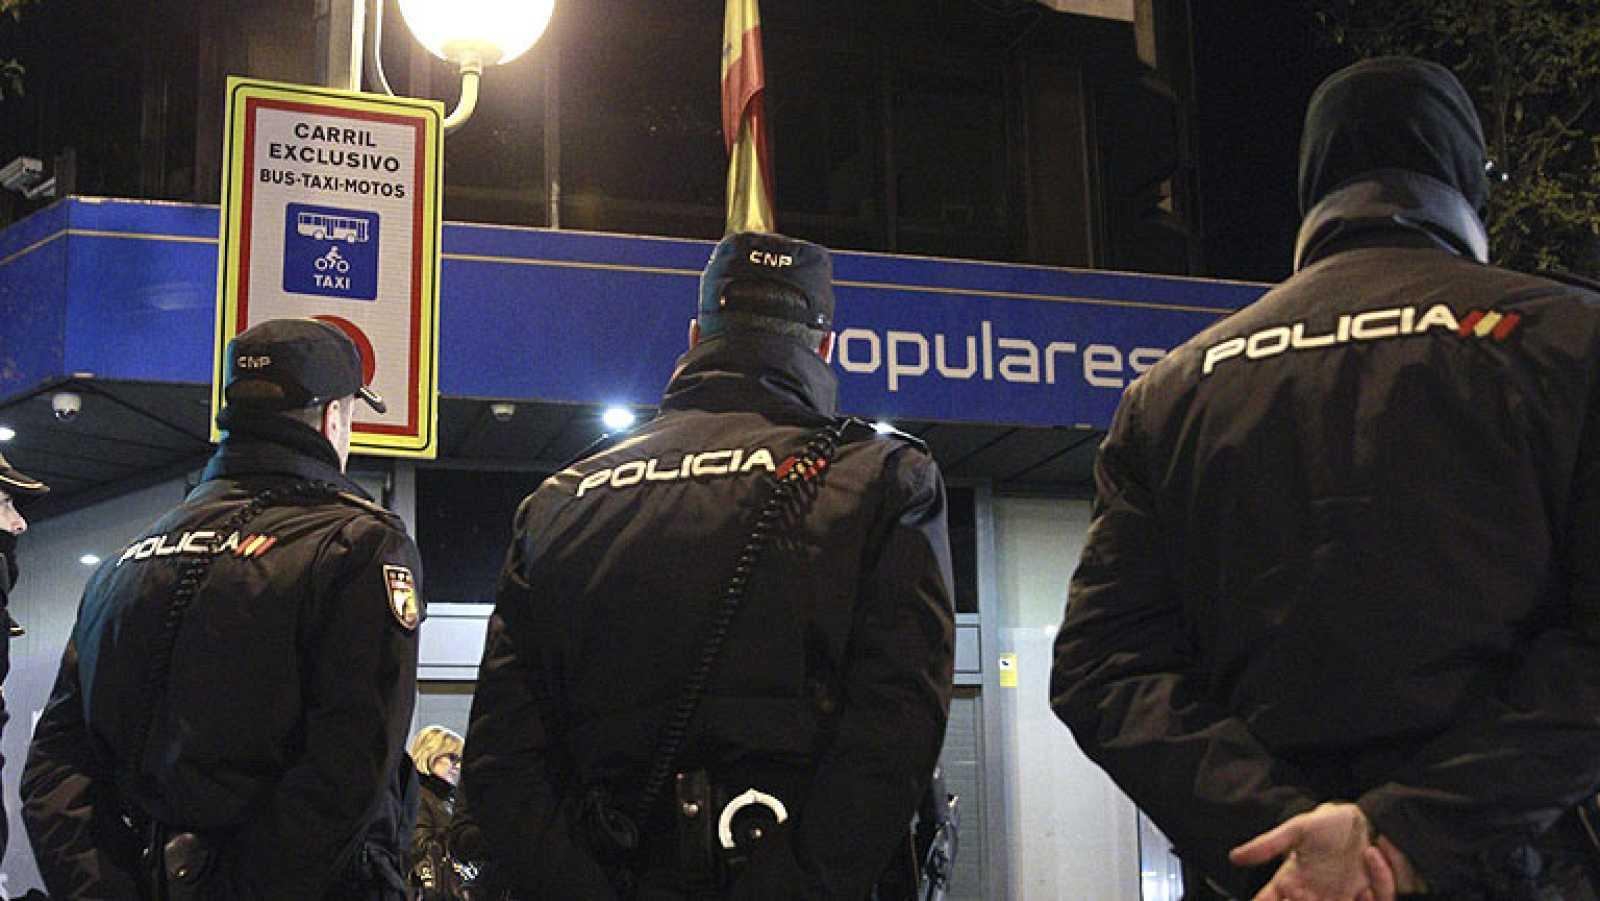 La Policía concluye la búsqueda de documentación en la sede del PP tras 14 horas